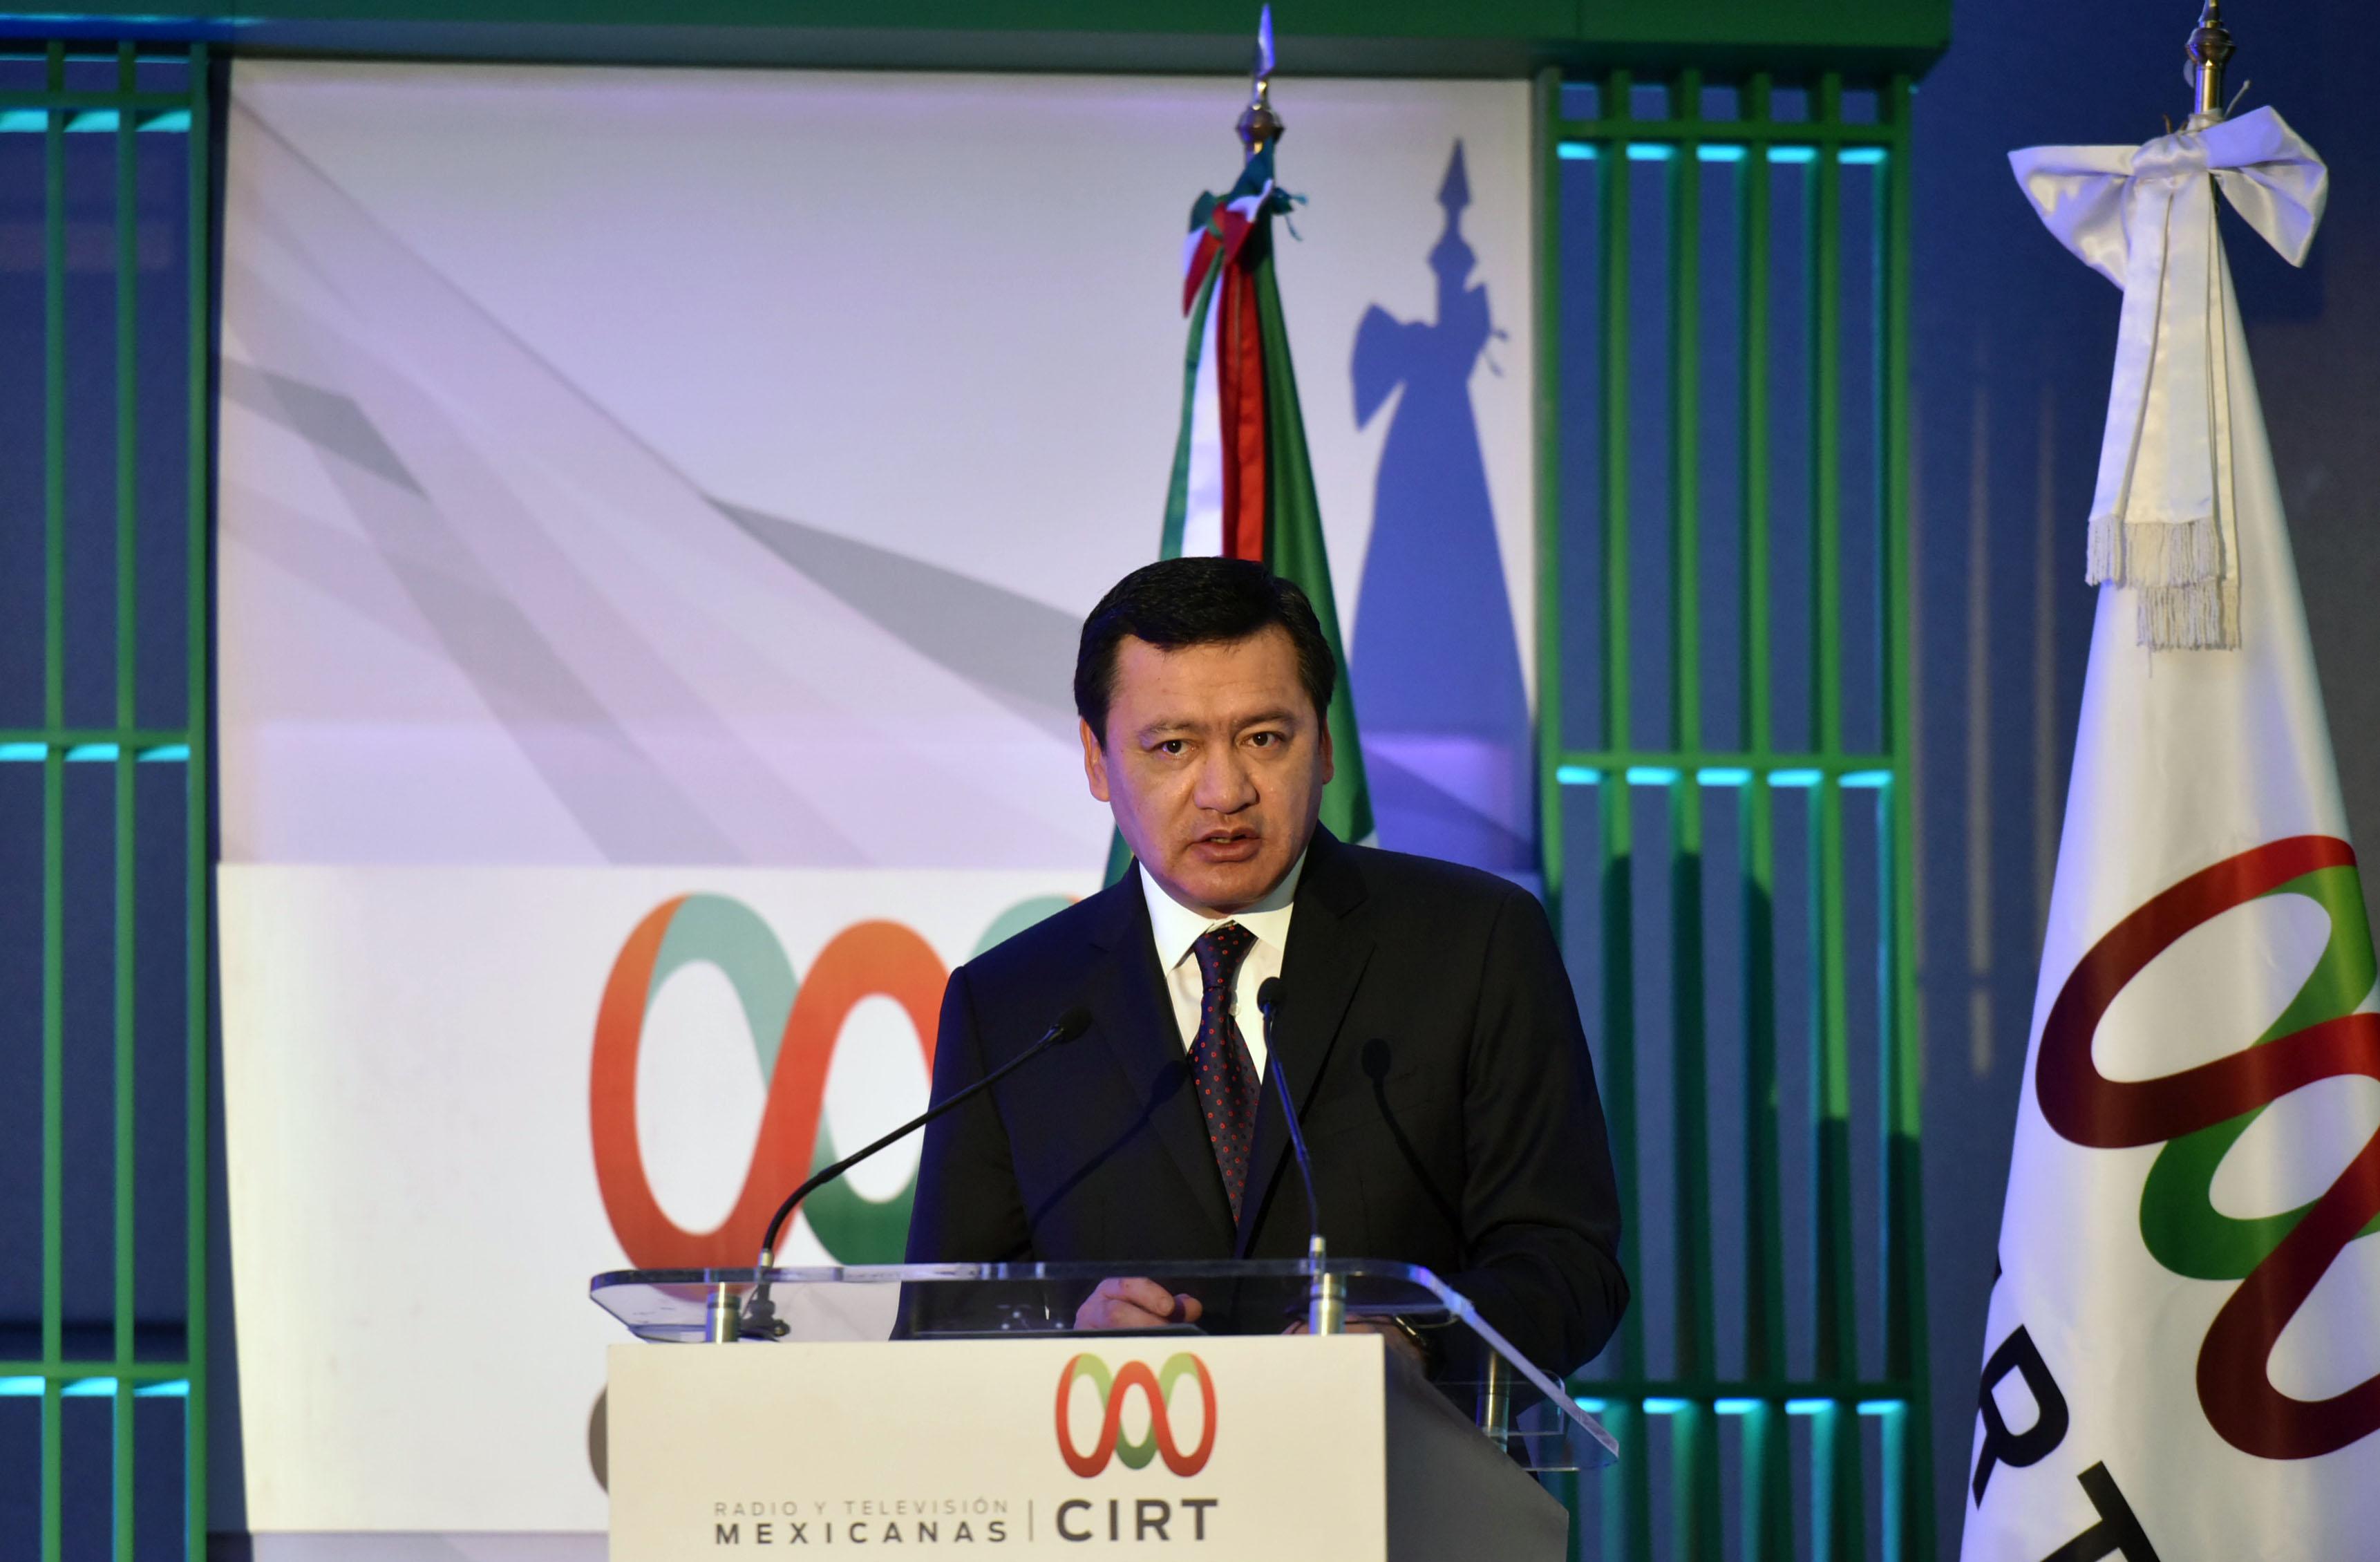 El Secretario de Gobernación inauguró la 57 Semana Nacional de Radio y Televisión de la CIRT